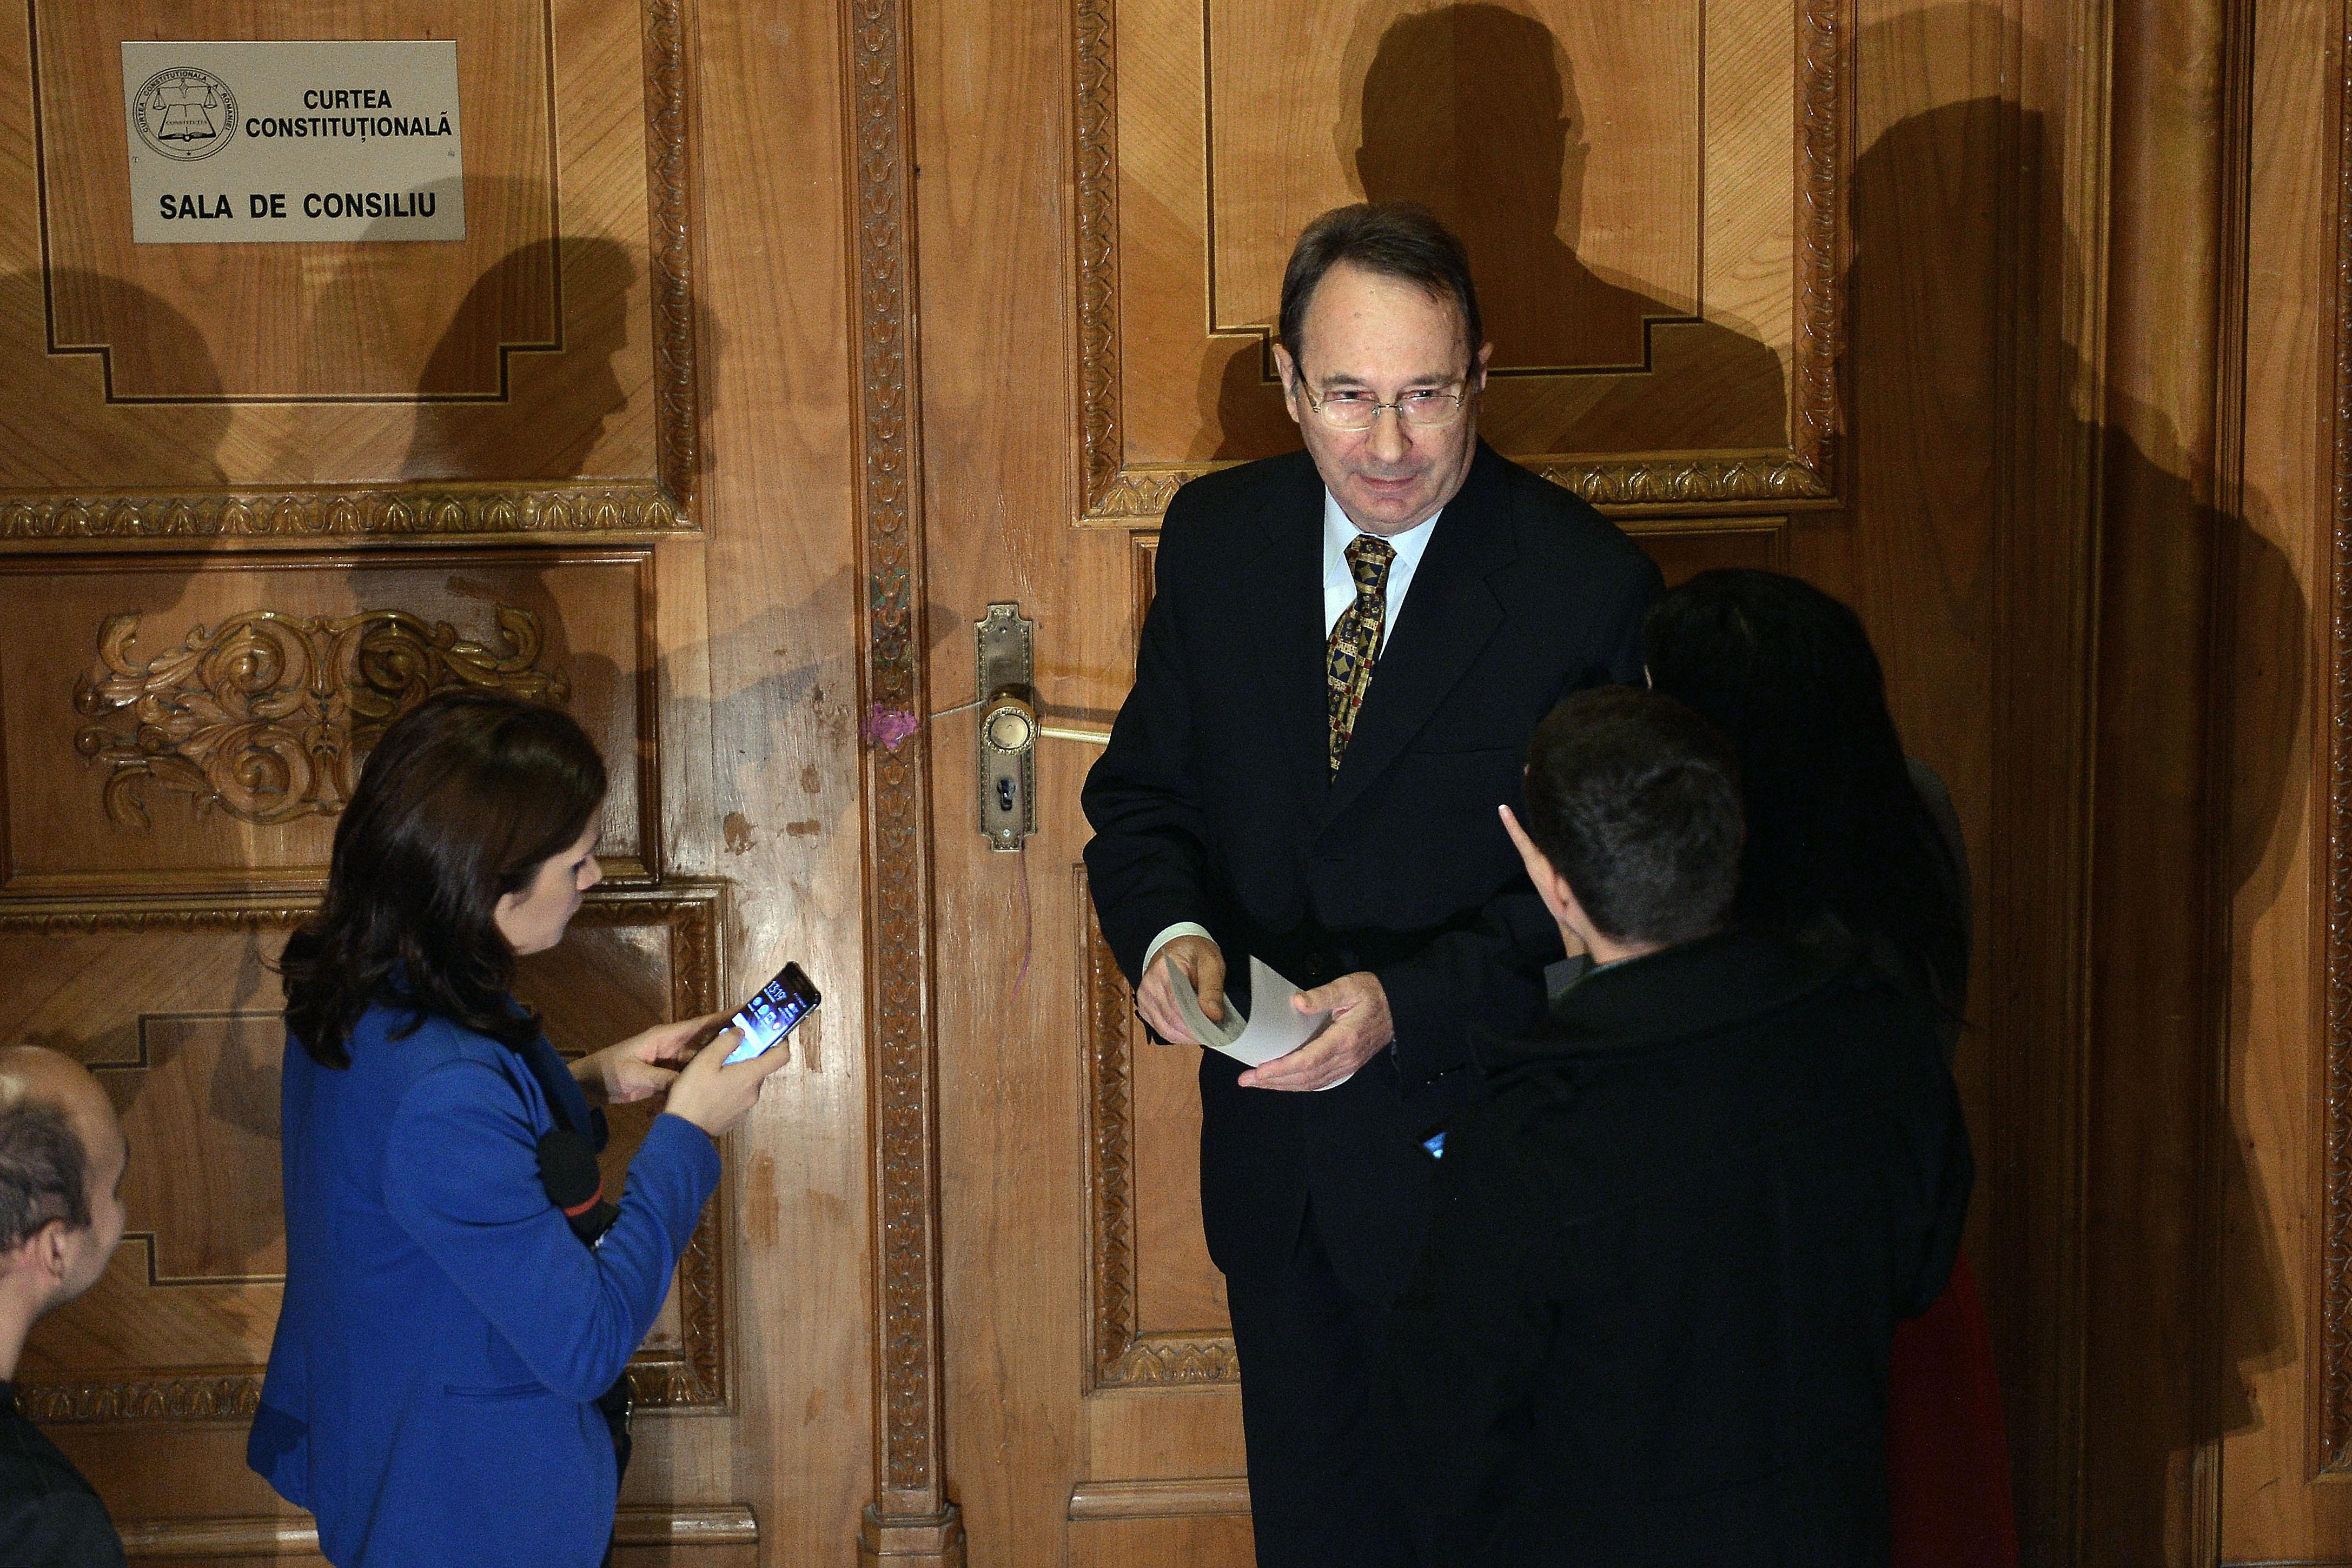 CSM: Declaraţiile preşedintelui CCR Valer Dorneanu, despre dosarul lui Dragnea, au afectat independenţa justiţiei. Afirmaţiile sunt revoltătoare